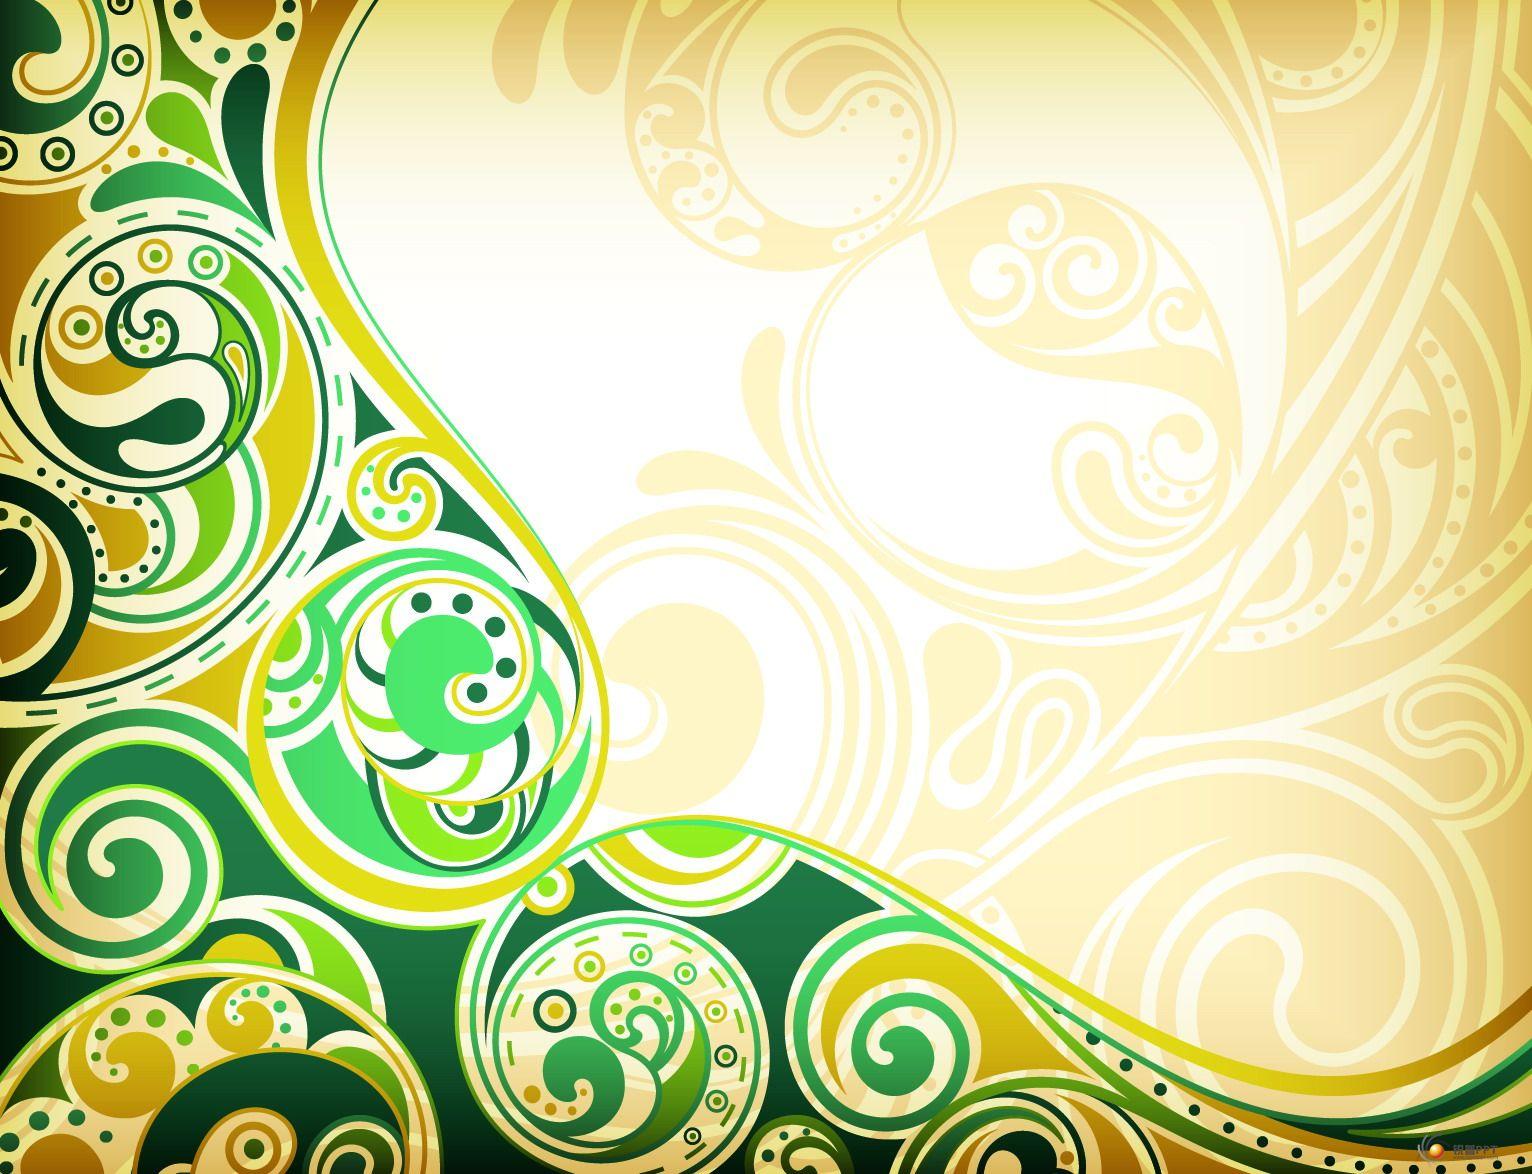 欧式花纹背景(6p) - 图片素材